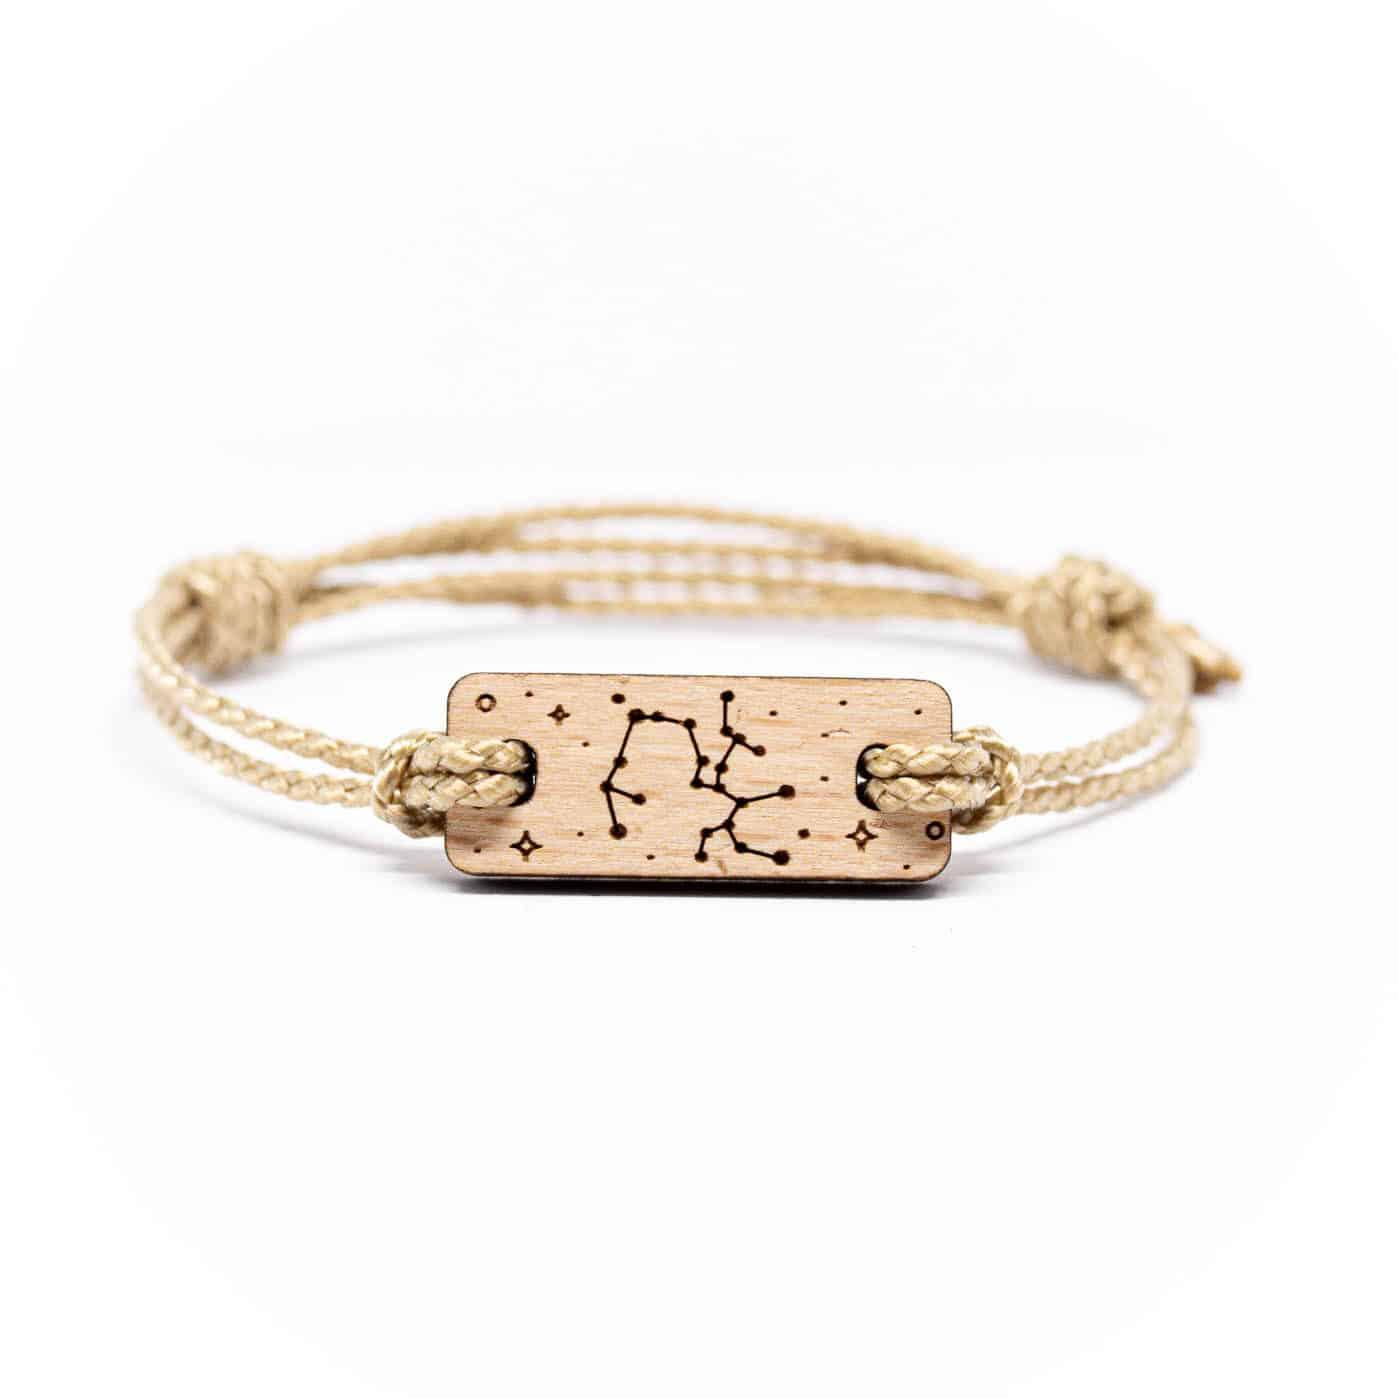 Bracelet en bois signe astrologique sagittaire